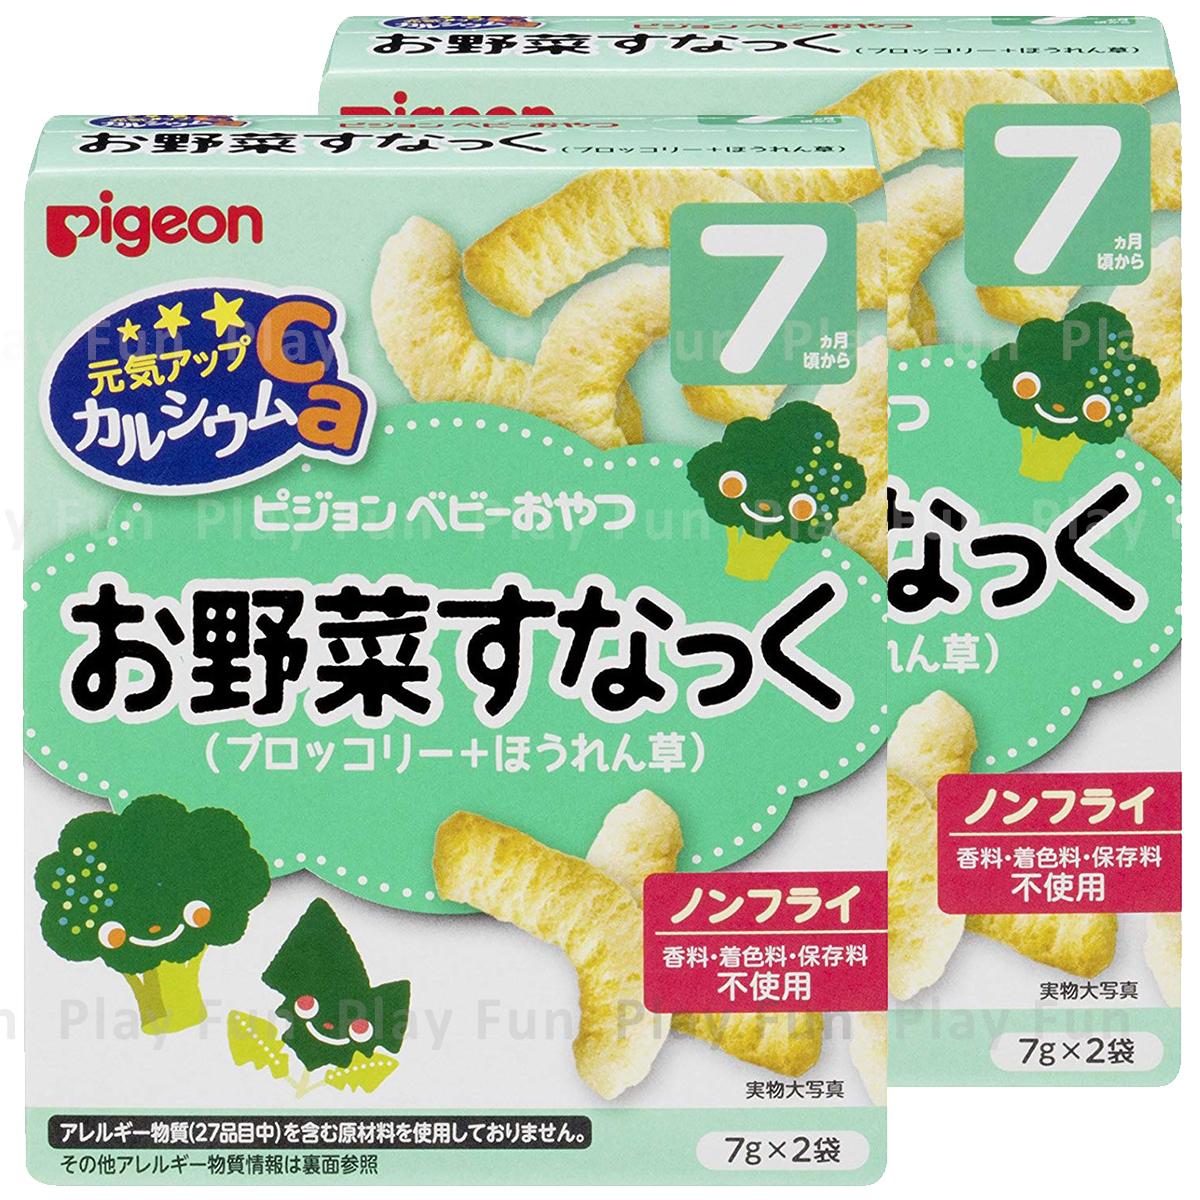 『超值套裝』Broccoli and SpinachHigh Calcium Finger Biscuit [For 7months old baby] x2 盒  (4902508133791_2)